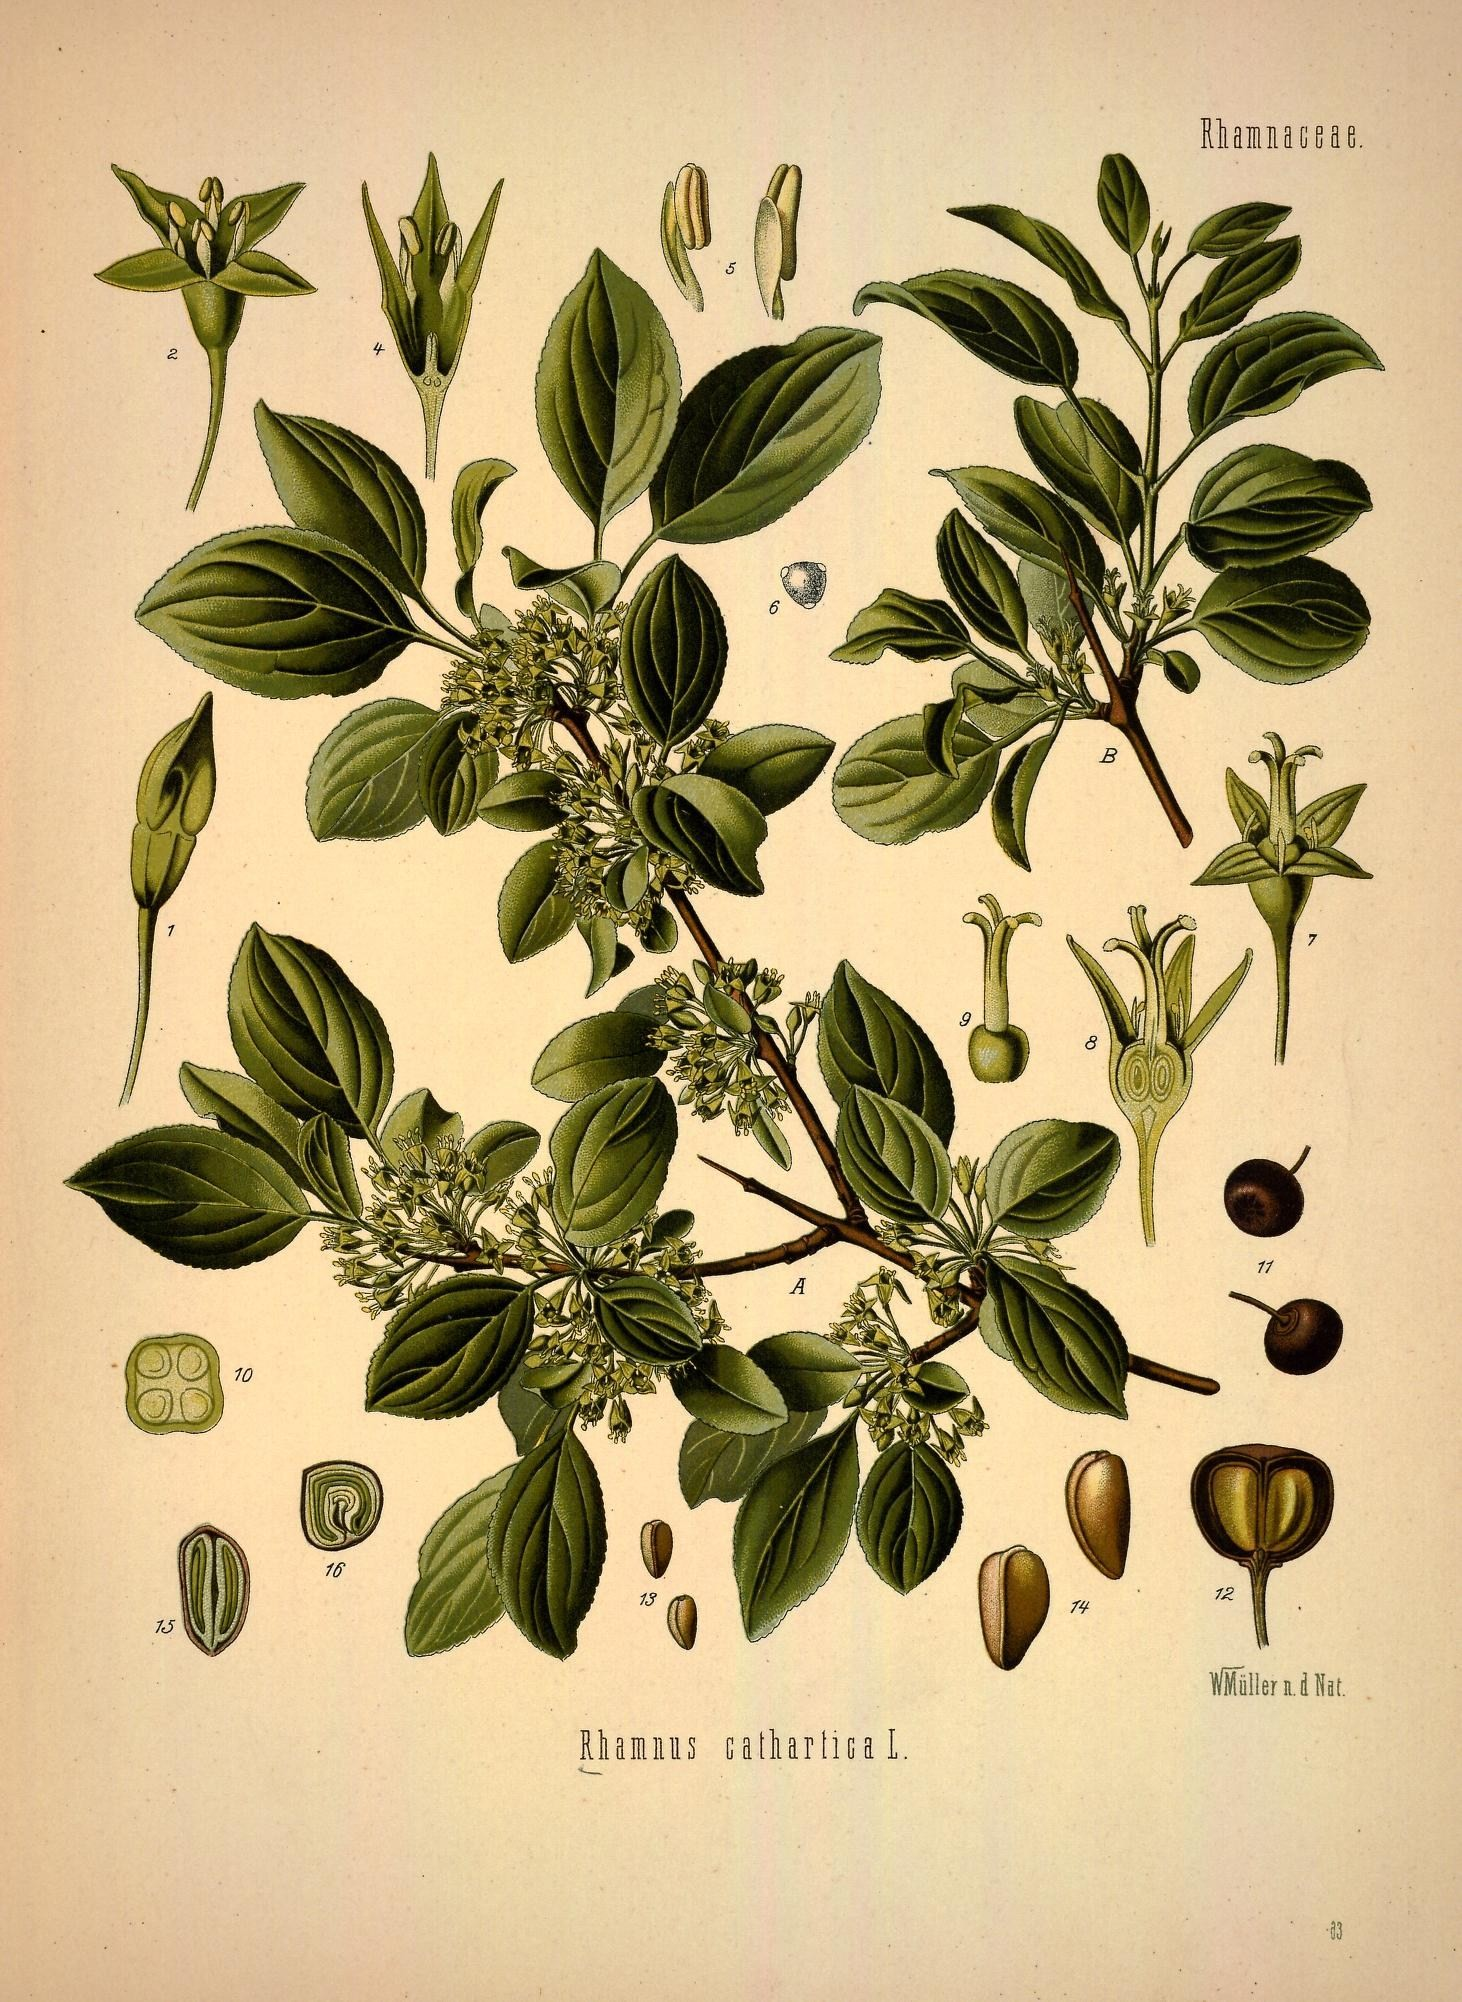 жостер слабительный ботаническая картинка красоту